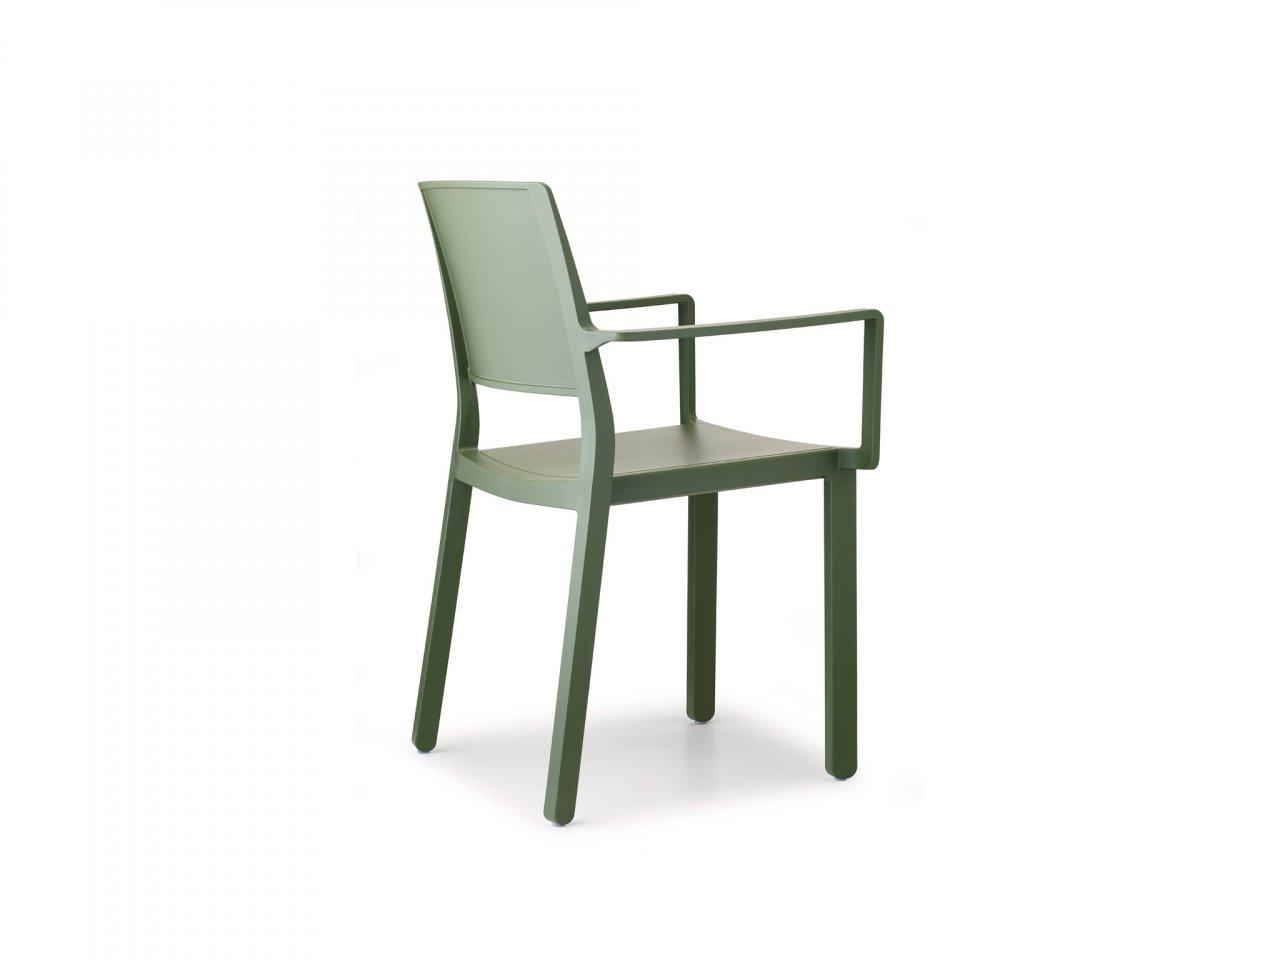 Sedia Con Braccioli Kate - v16